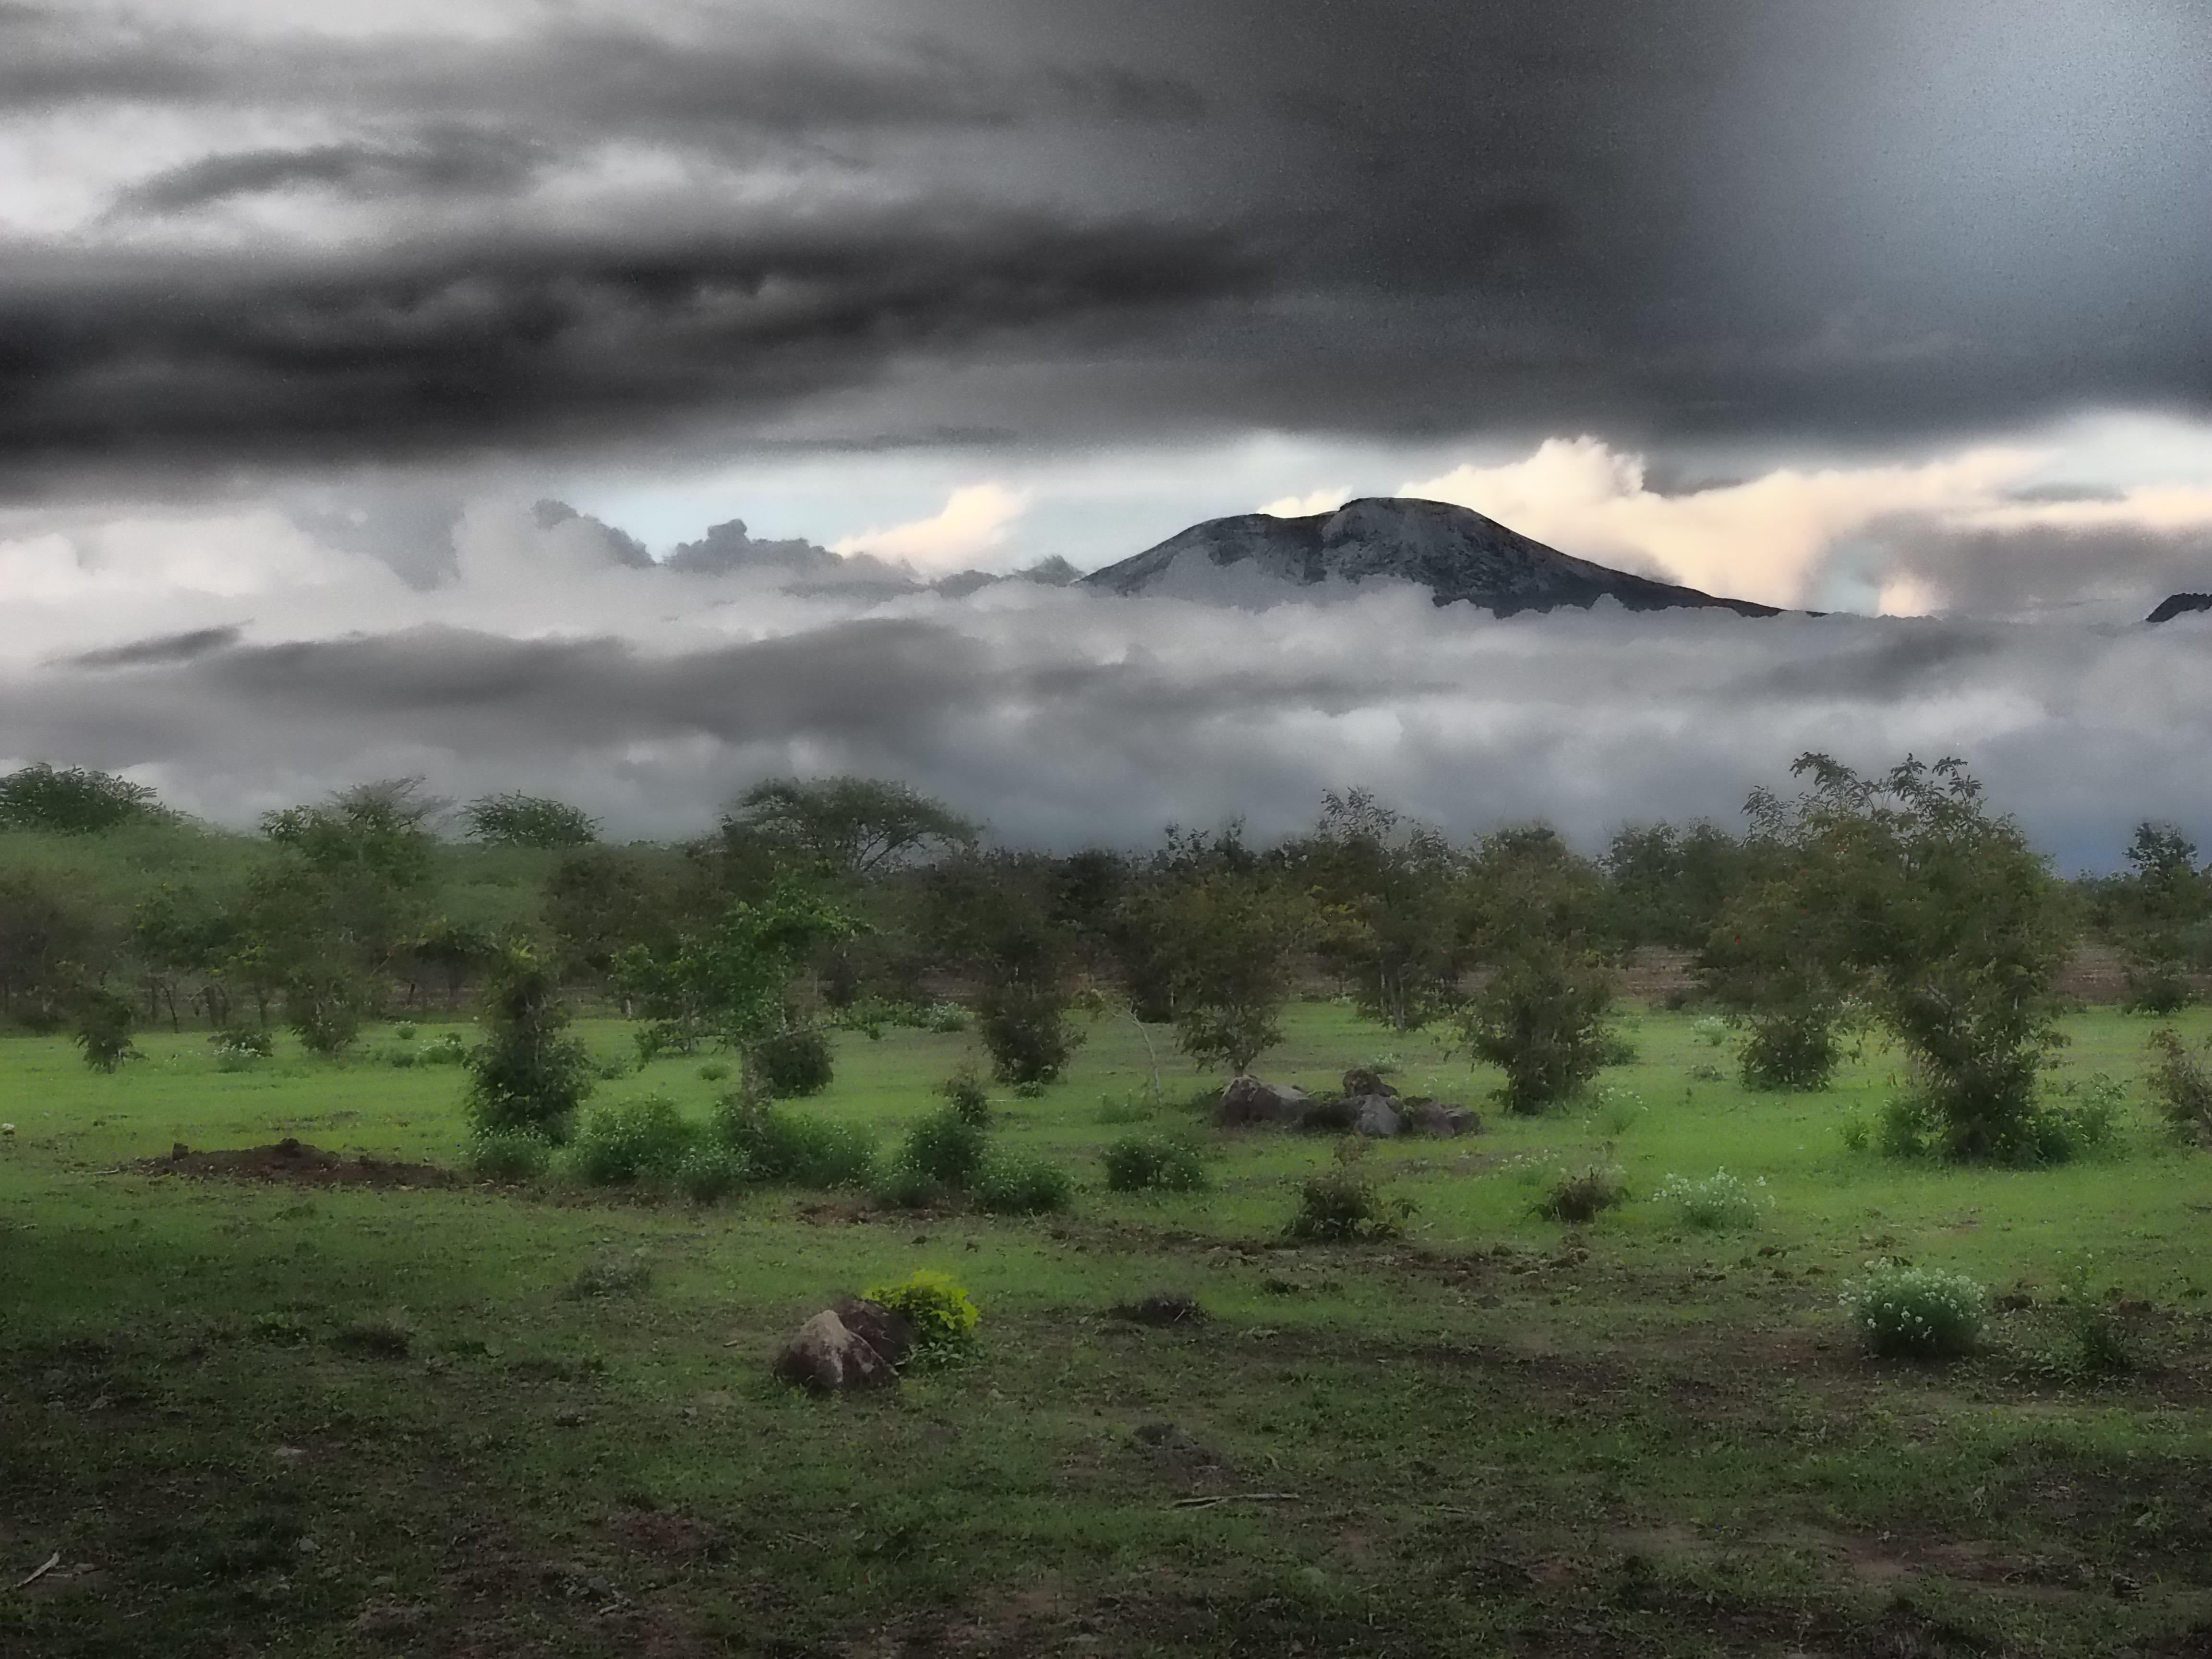 Le Kilimandjaro à la descente de l'avion pendant la saison des pluies …